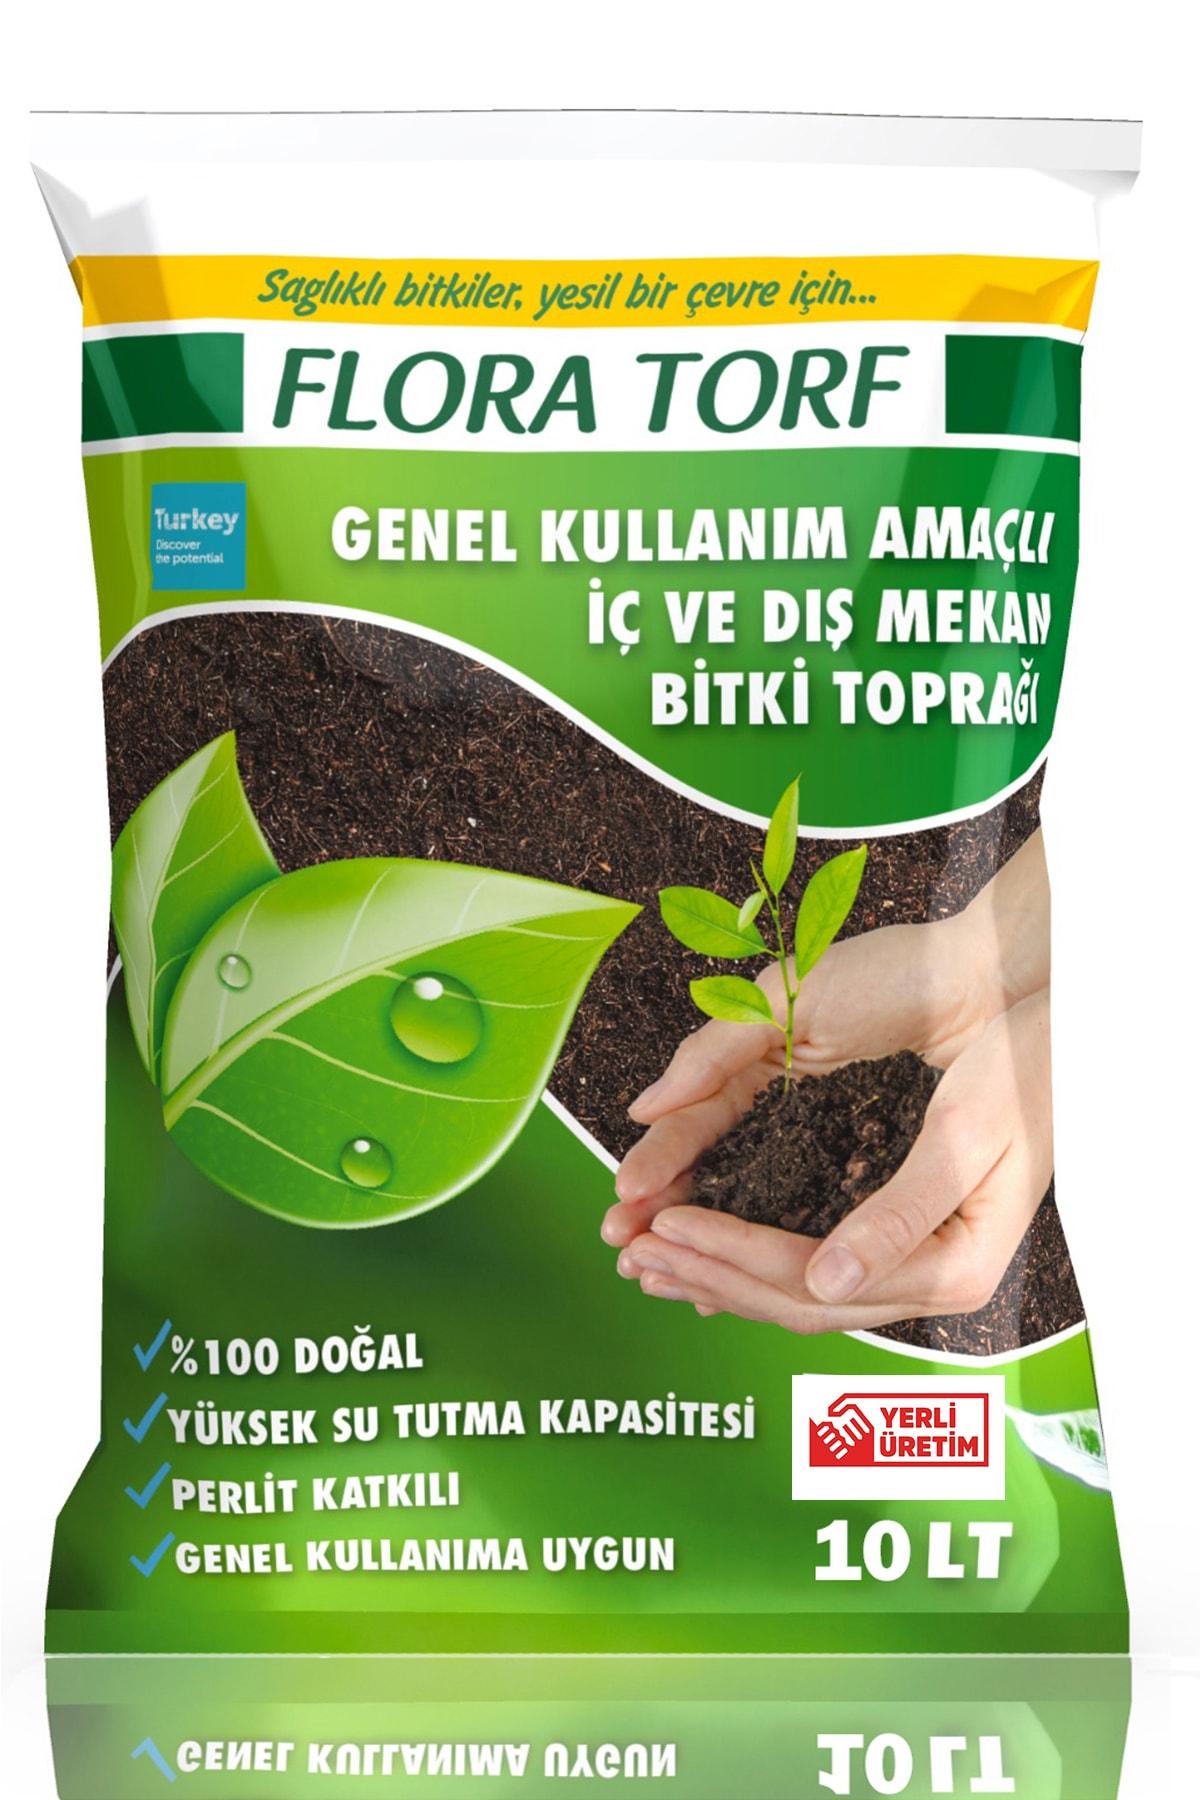 MF Botanik Flora Torf Saksı Çiçek Toprağı Perlit Katkılı 10 Litre Toprak 1